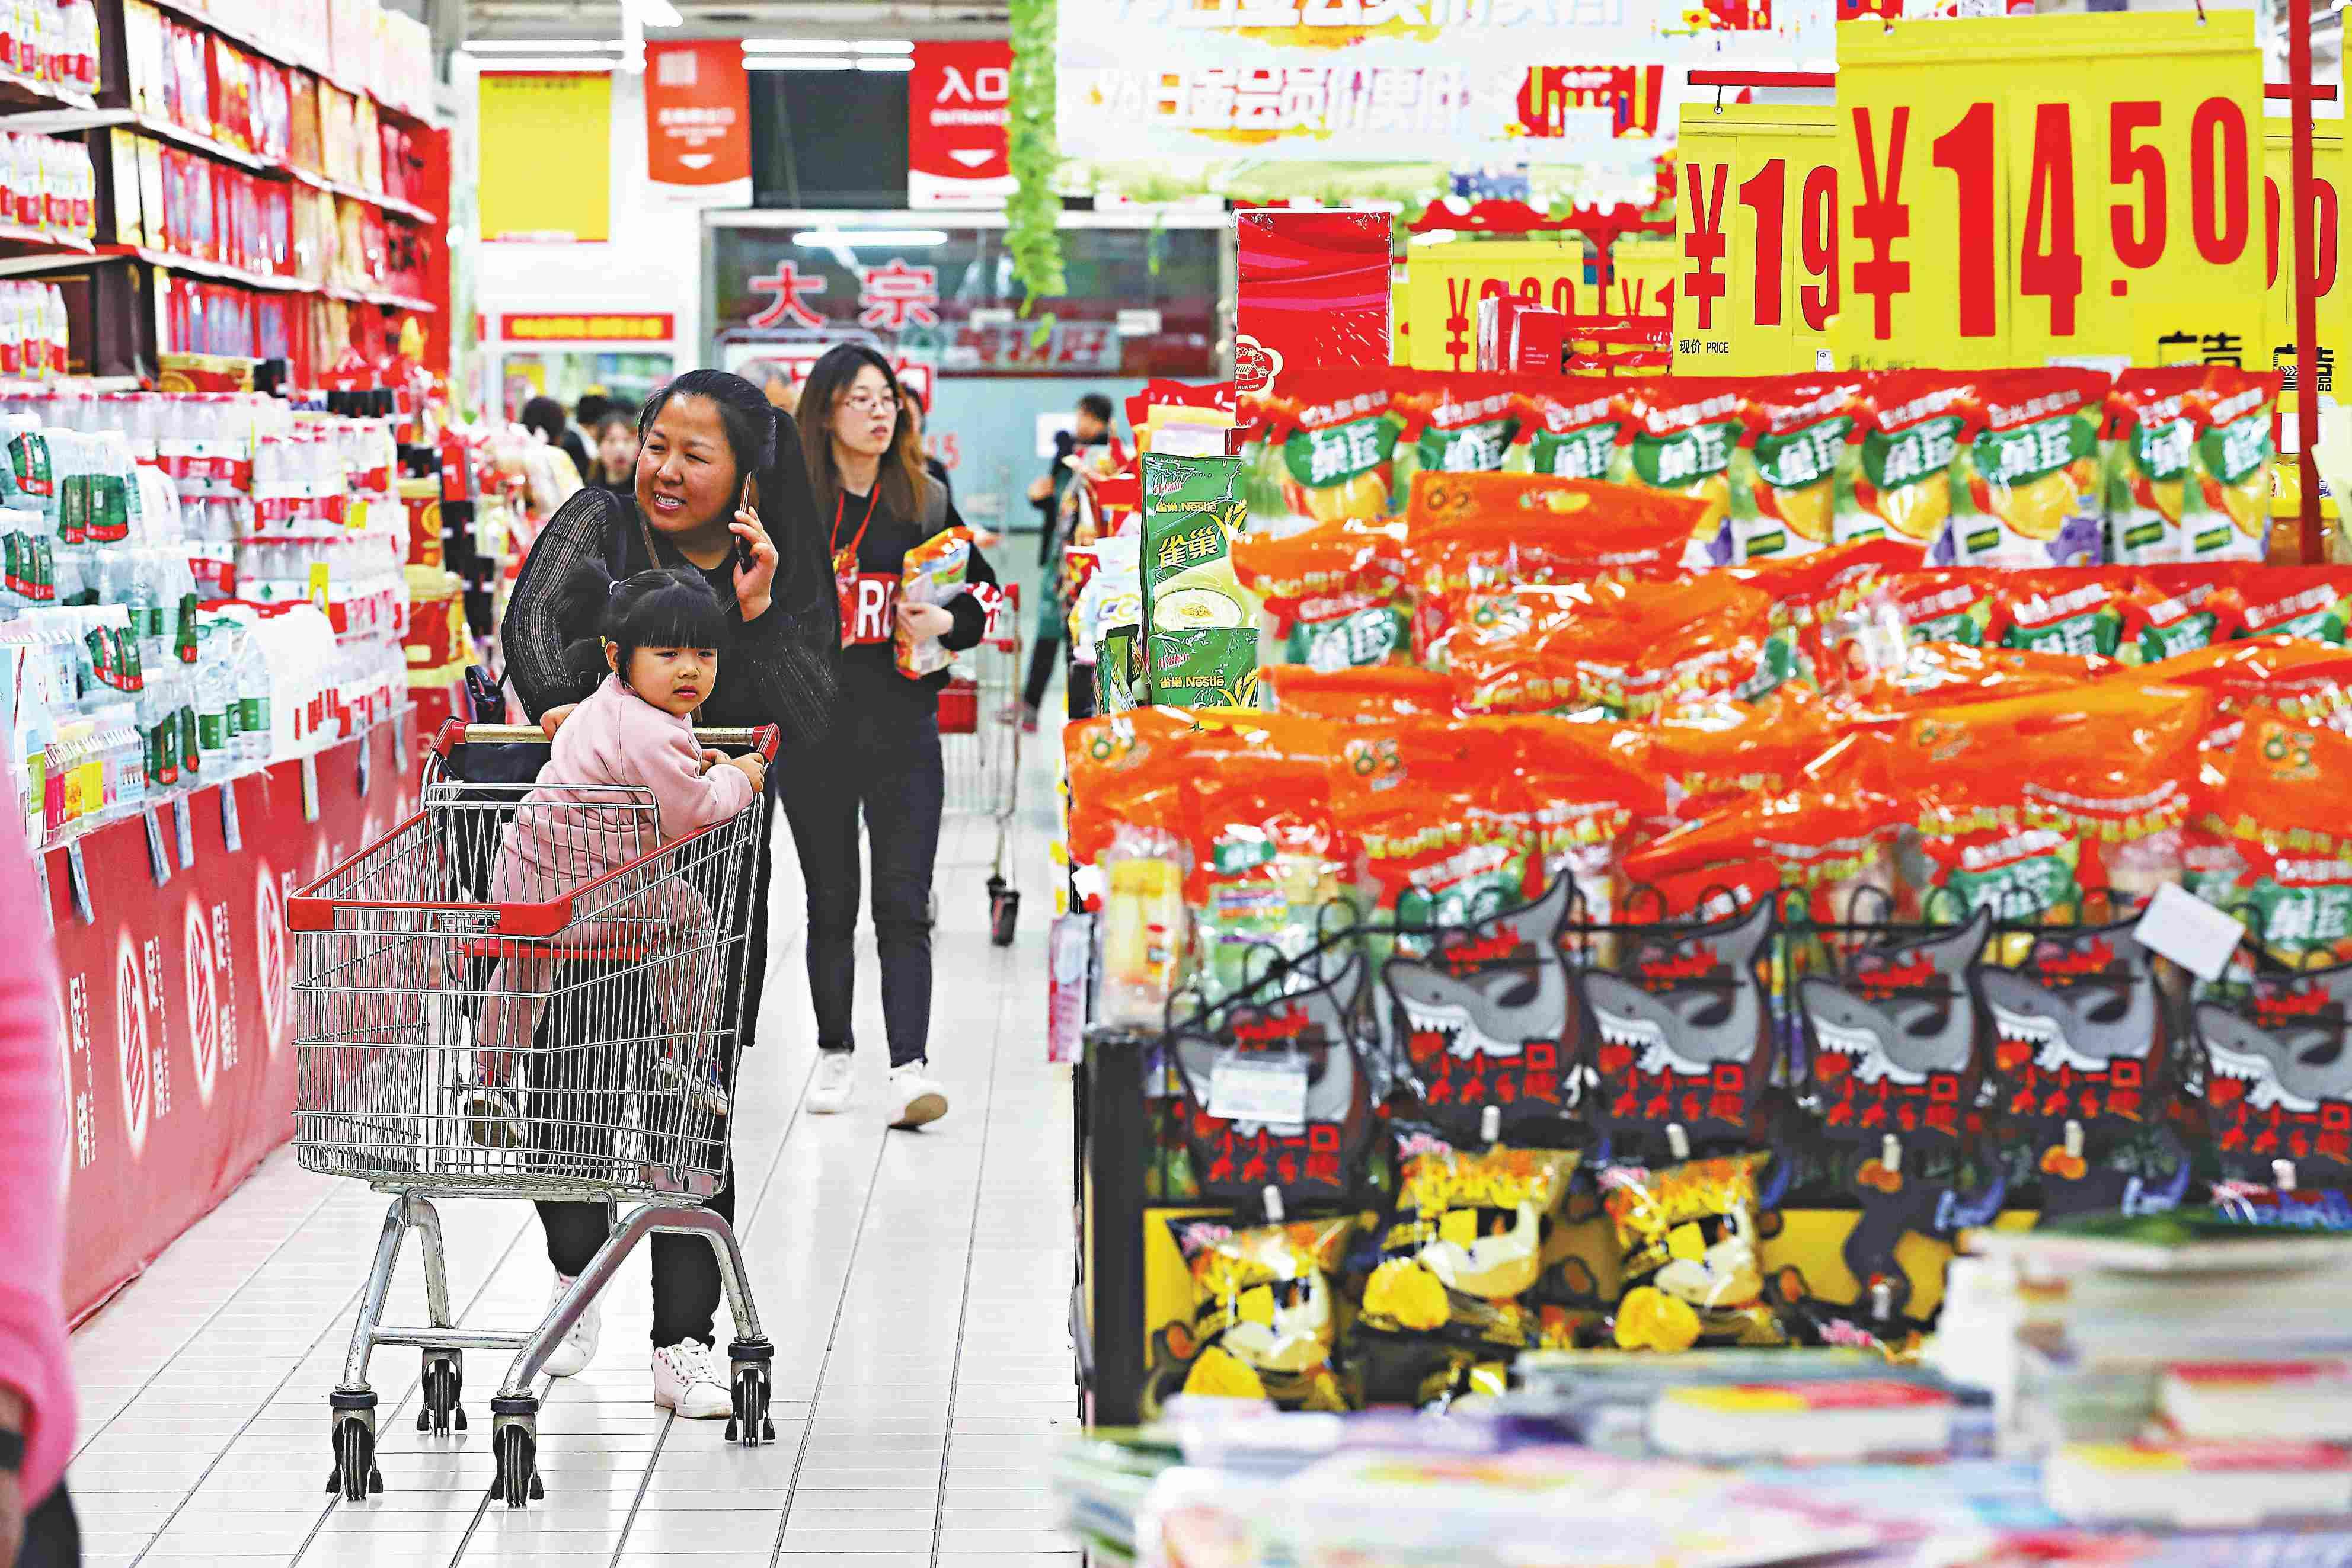 国务院:促进消费文旅 释放需求潜力